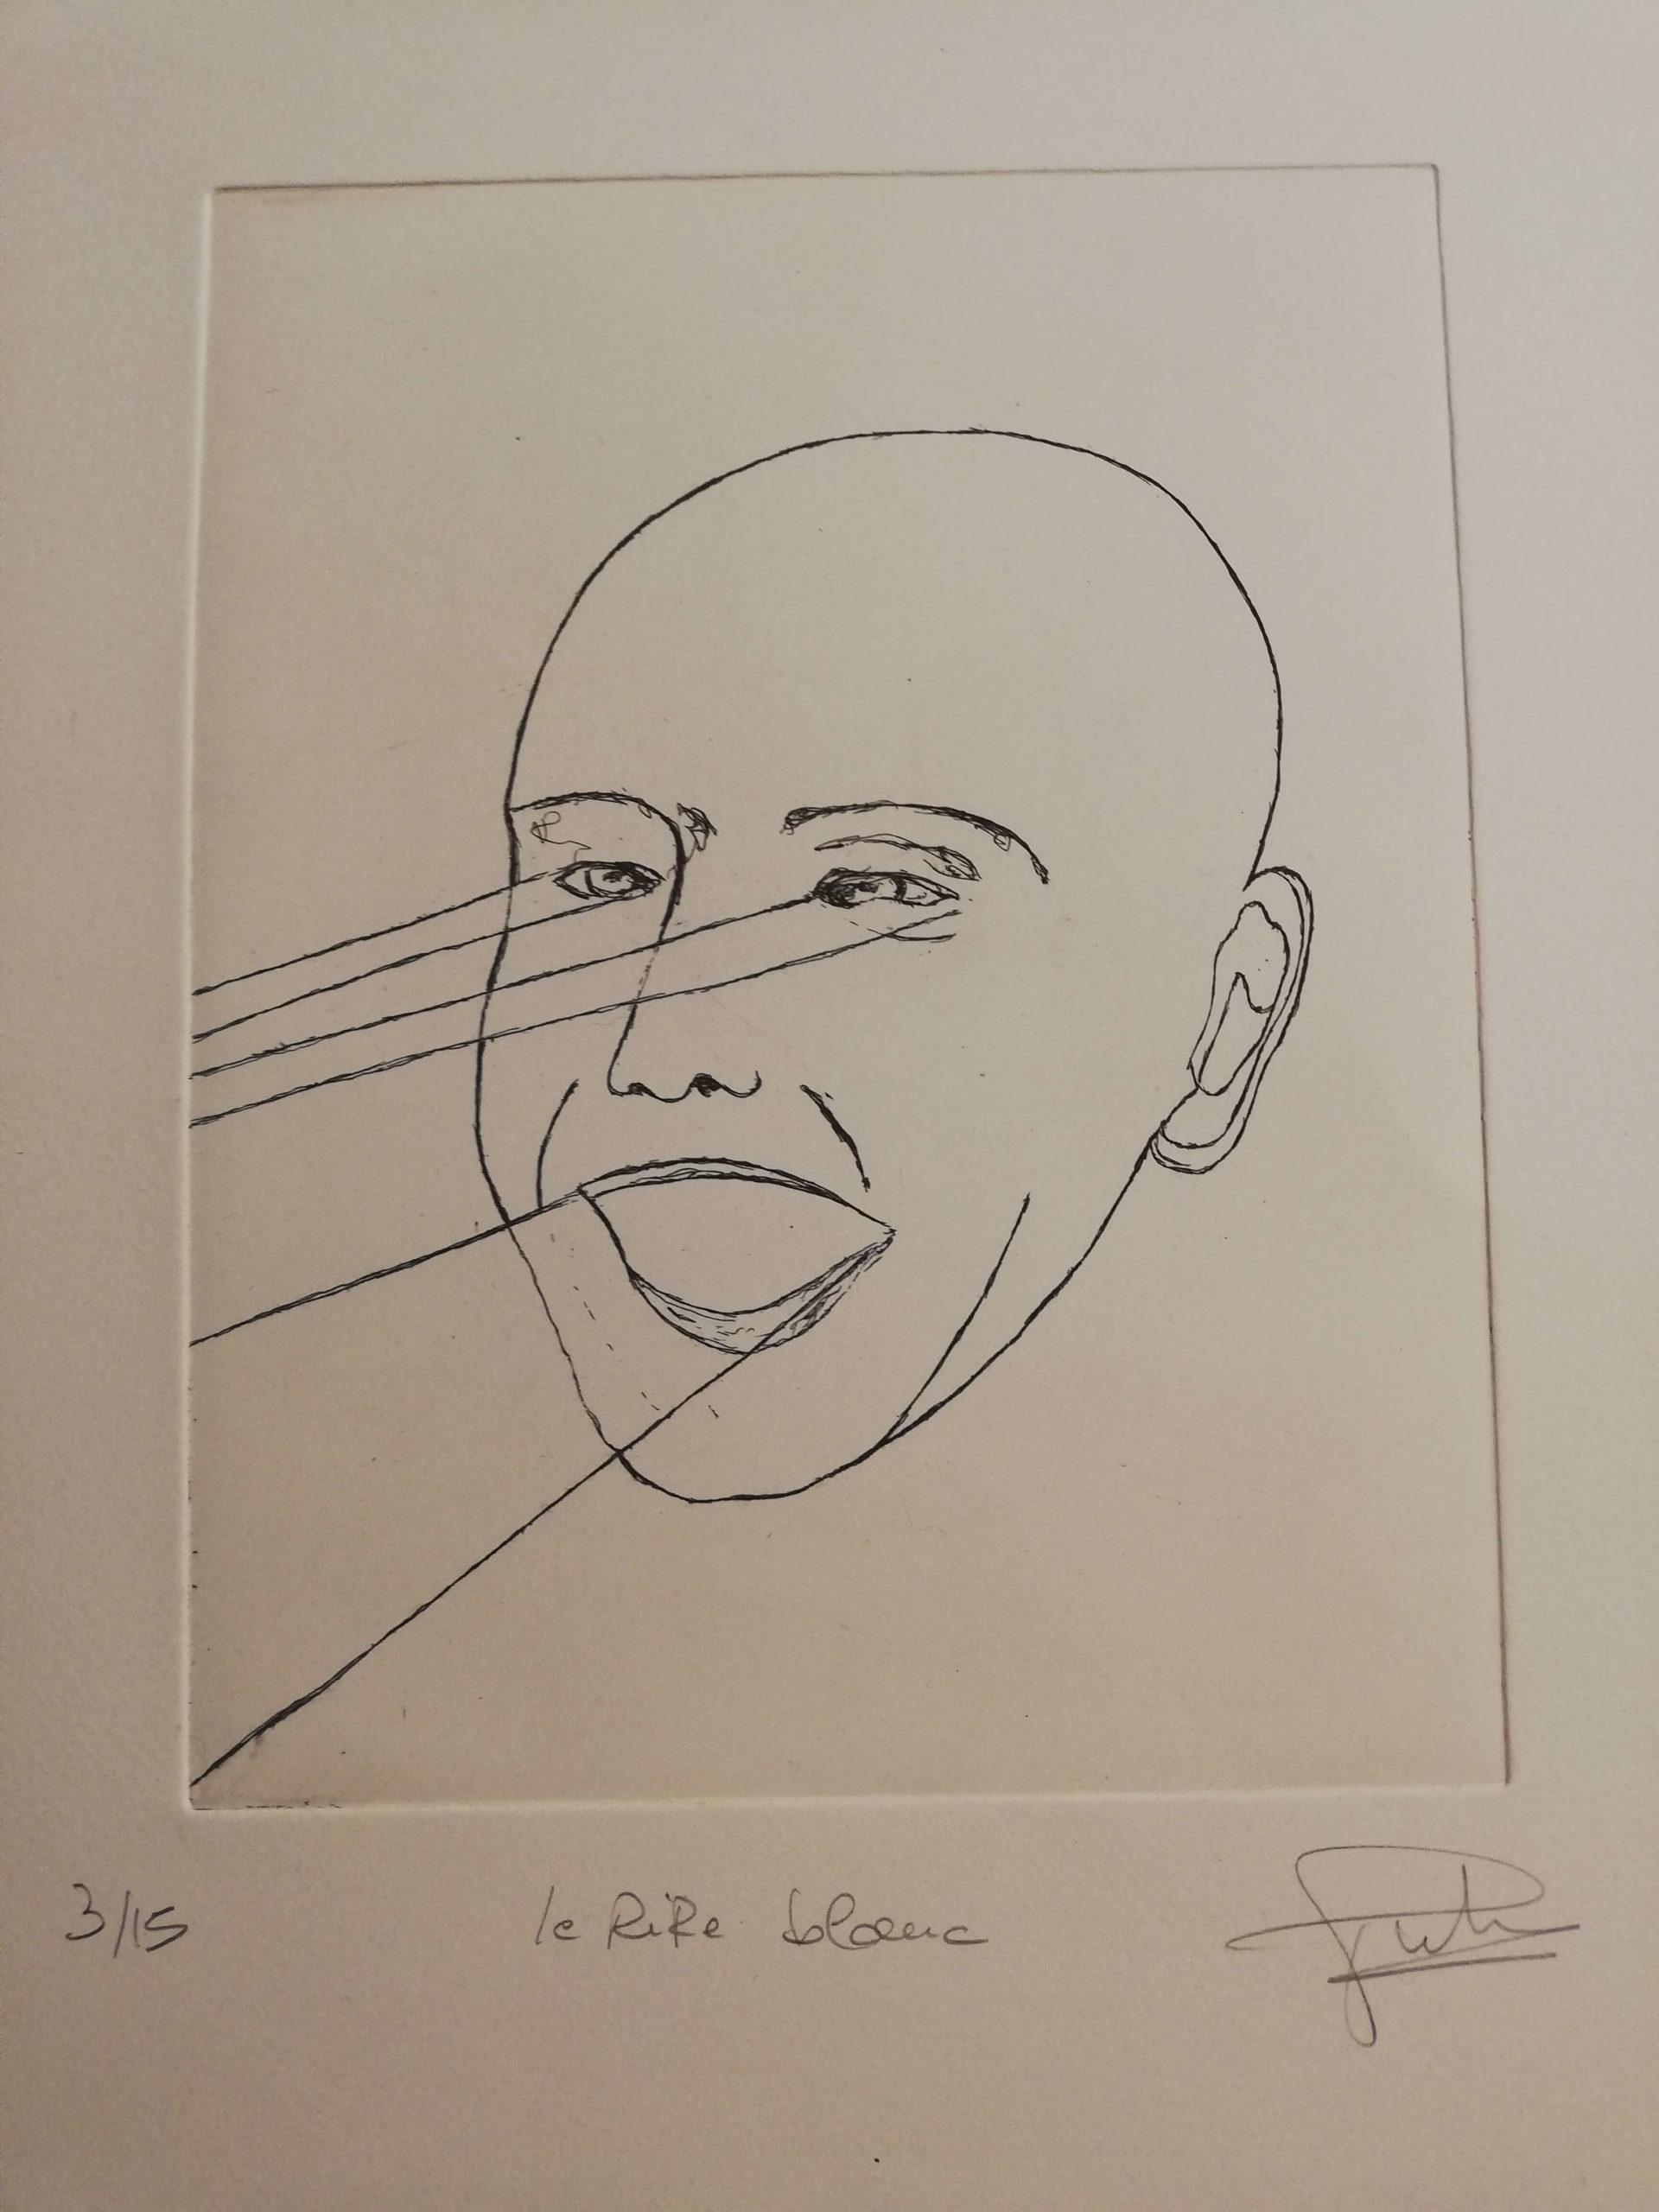 Le rire blanc engrave by Michel Puharré